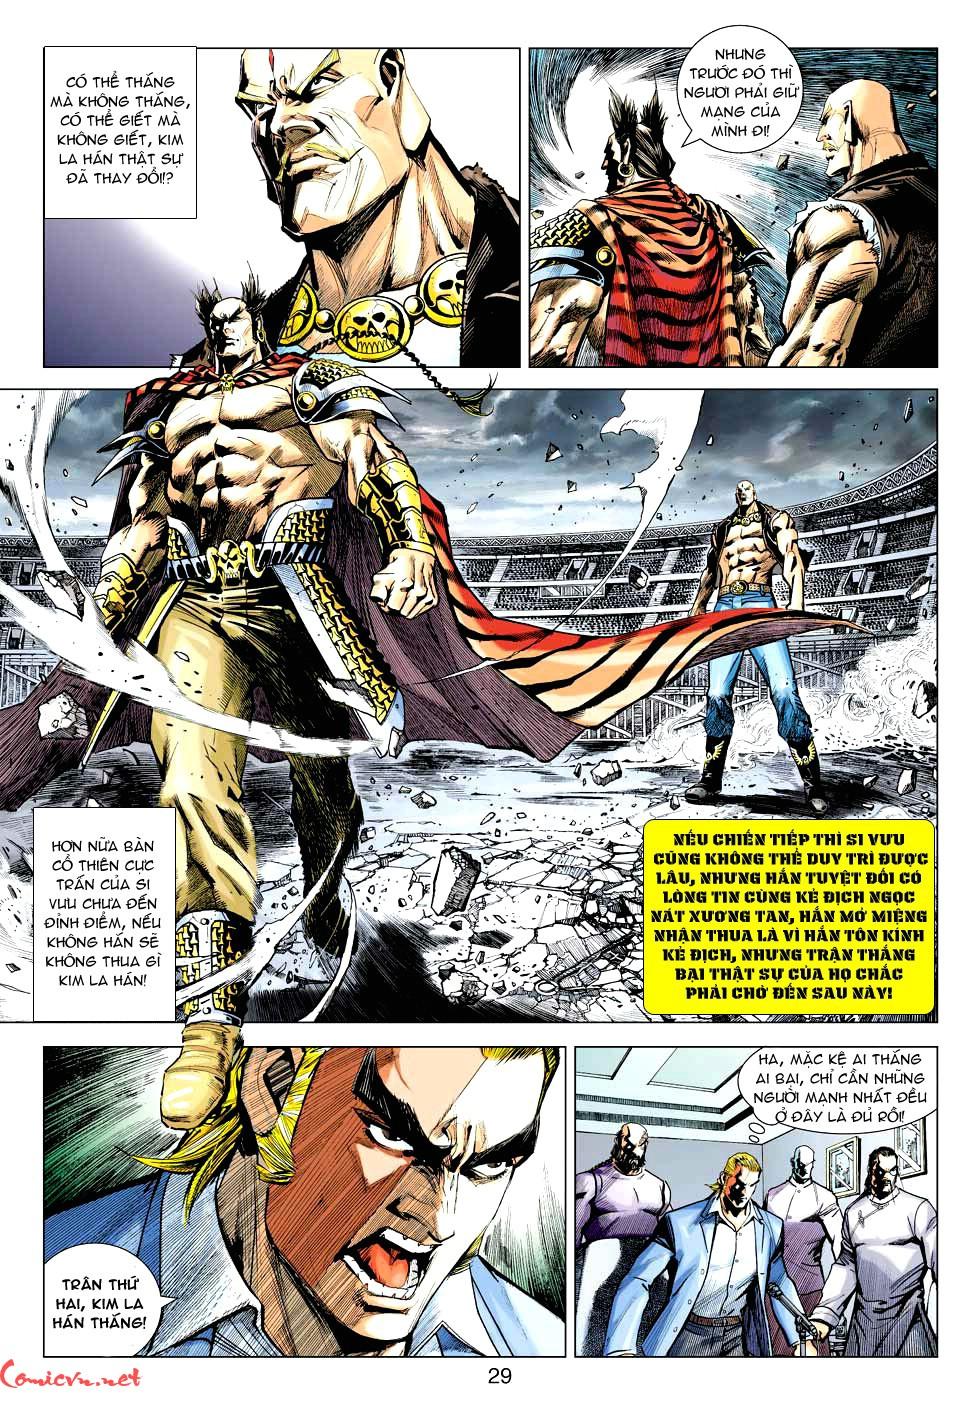 Vương Phong Lôi 1 chap 30 - Trang 26